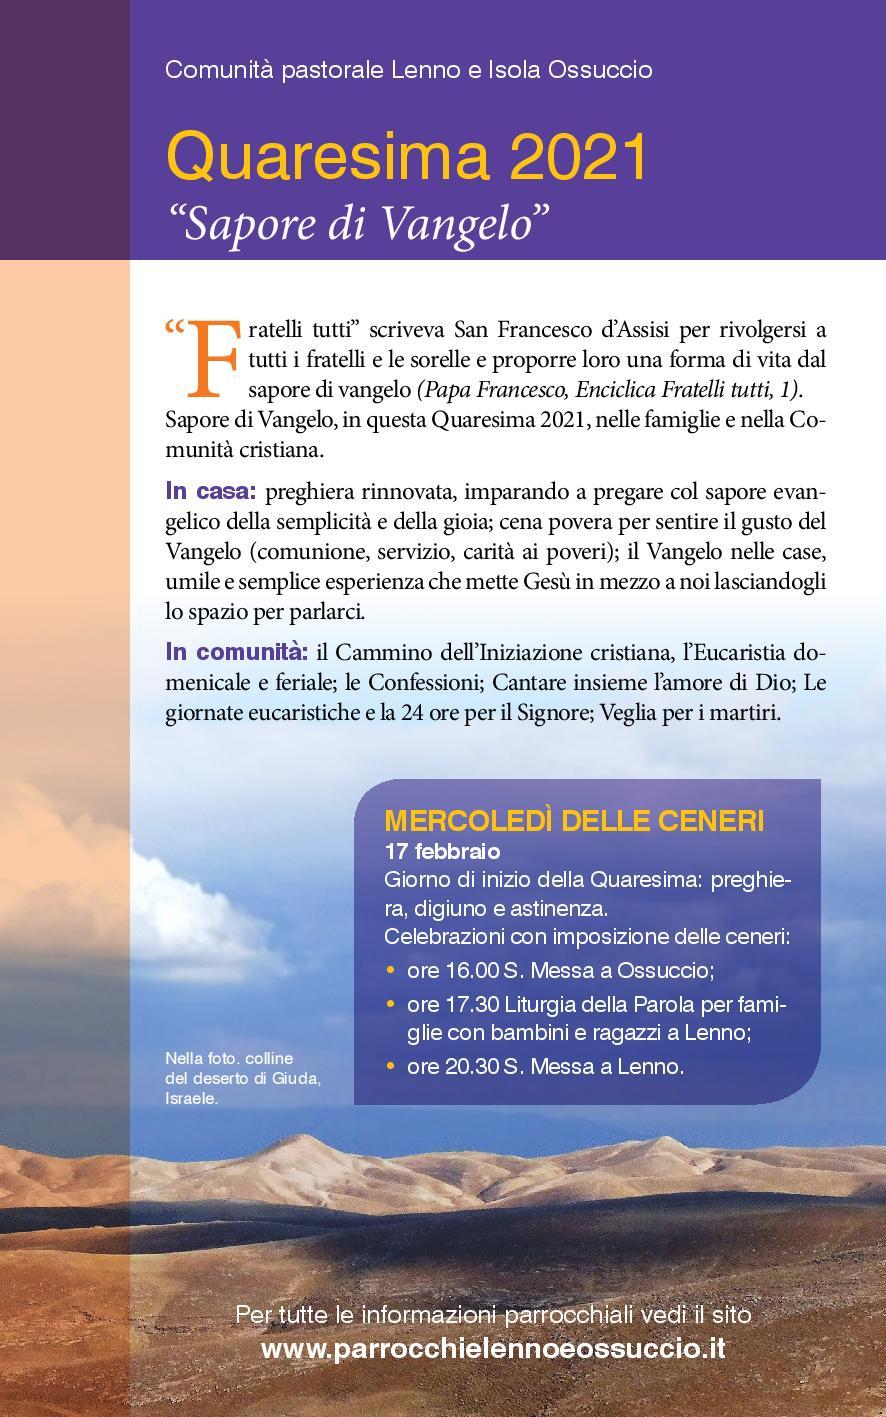 Quaresima 2021sito-page-001